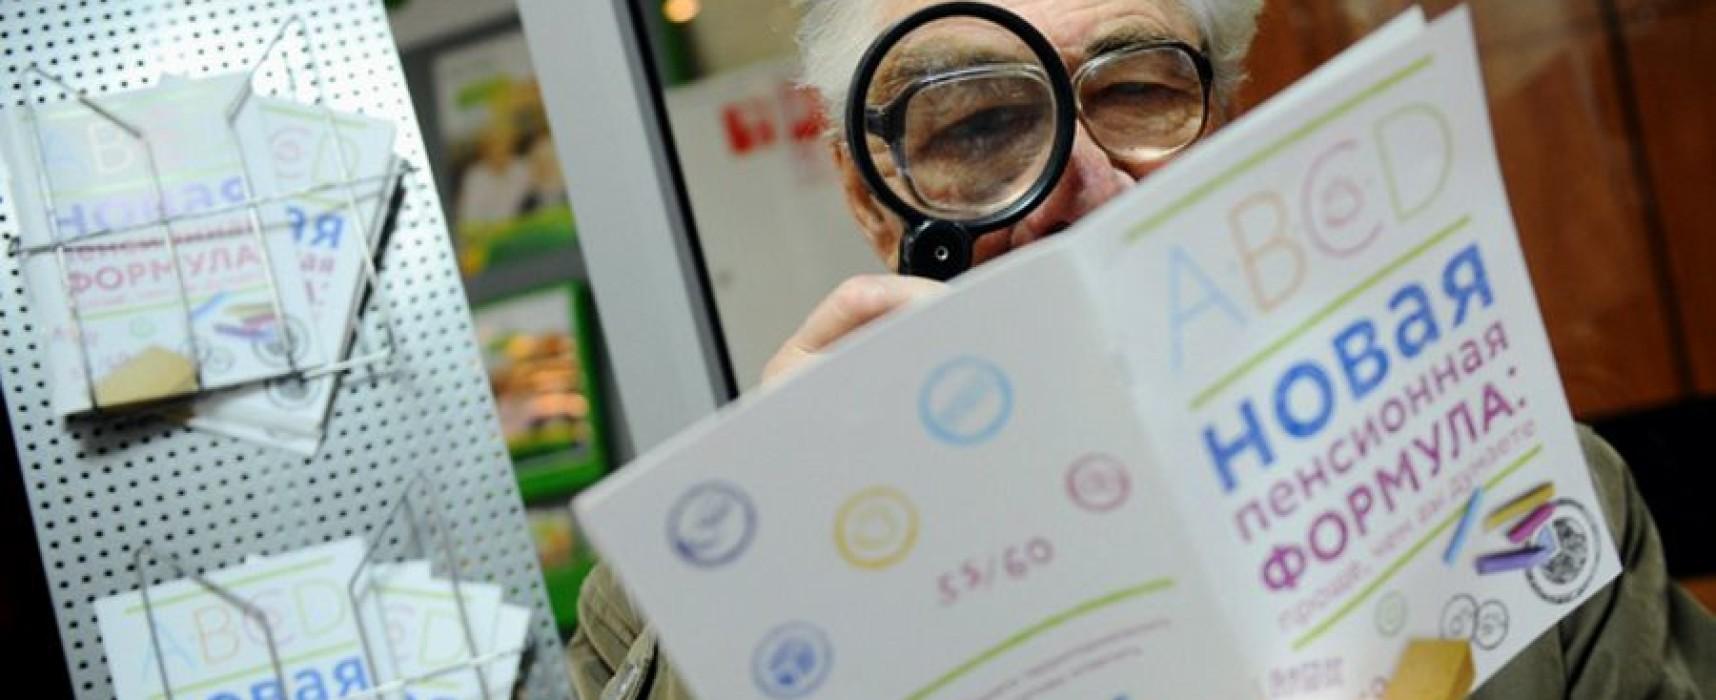 Алгоритм получения накопительной части пенсии